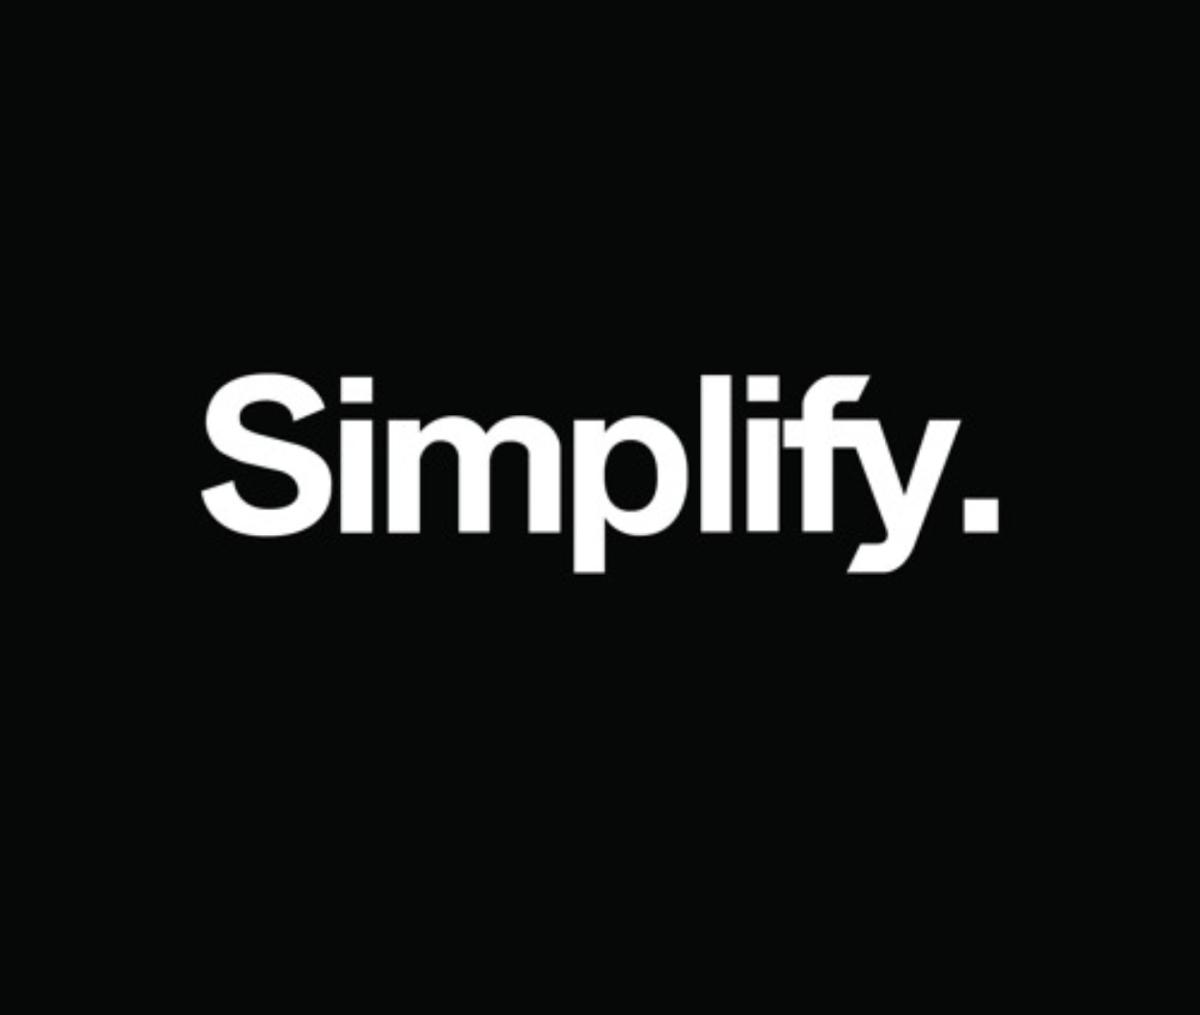 In 2018, wesimplify